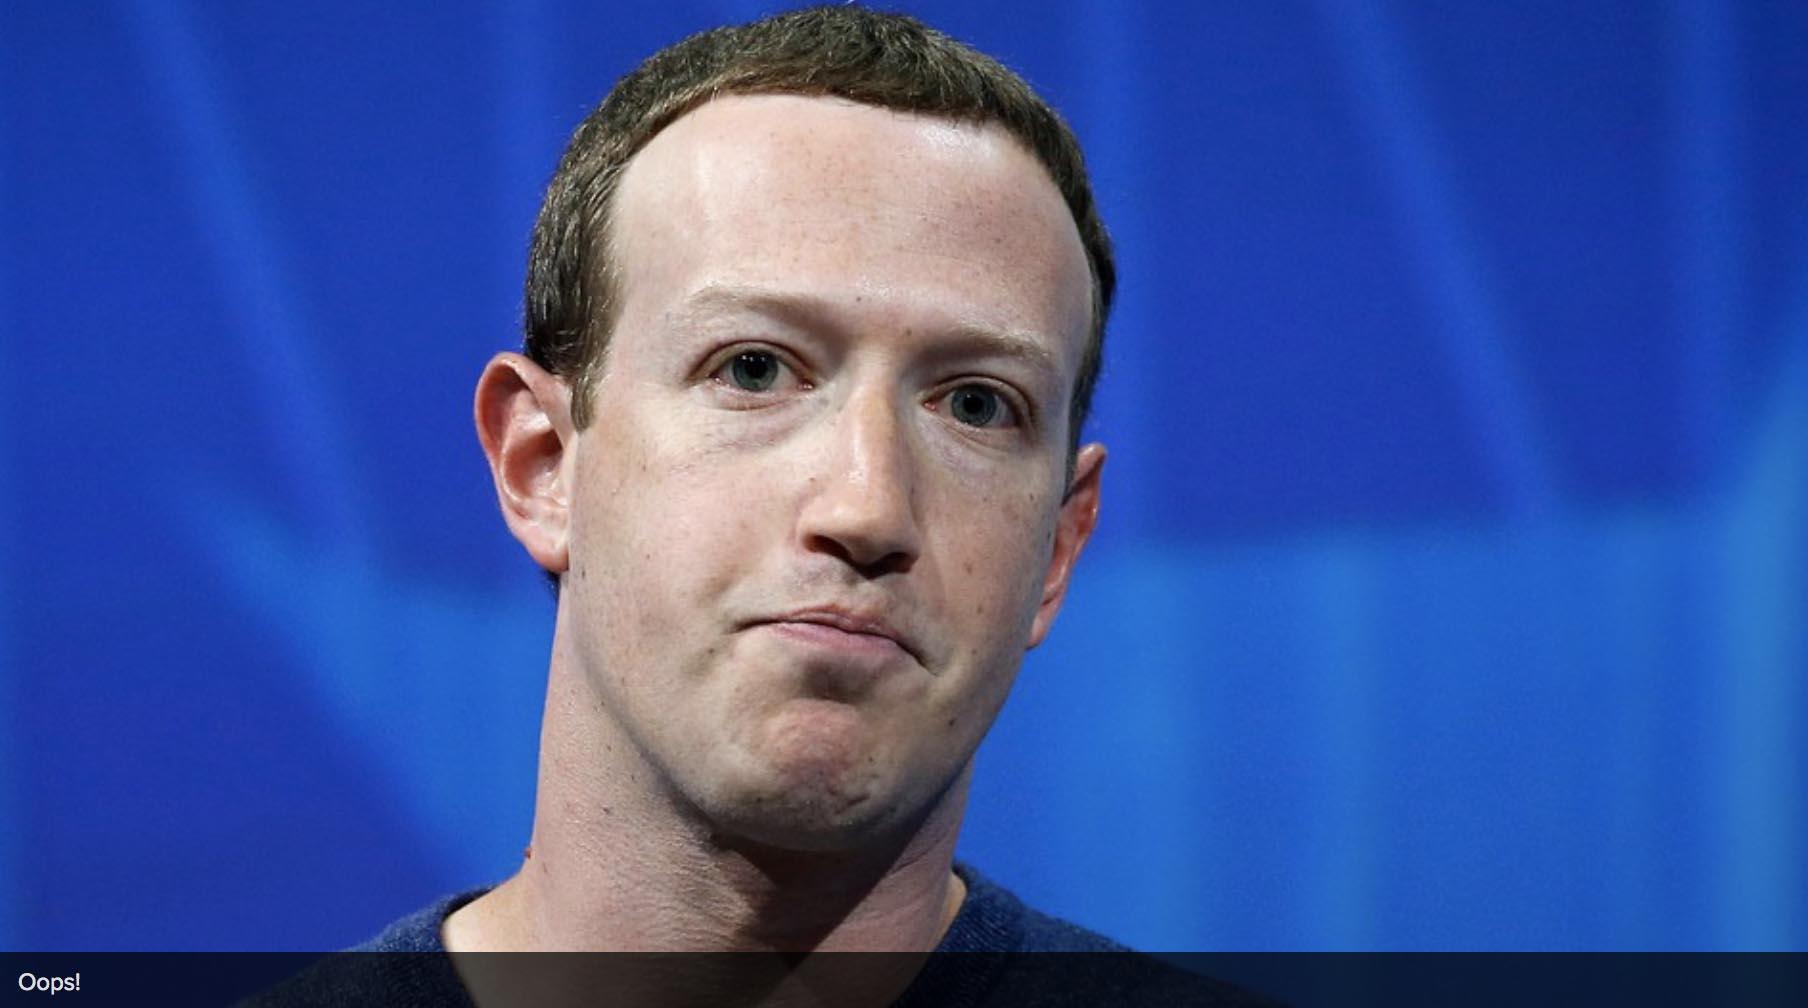 Facebook взломан: до 90 млн аккаунтов пользователей подверглось атаке из-за ошибки в коде, компания приносит извинения - 1